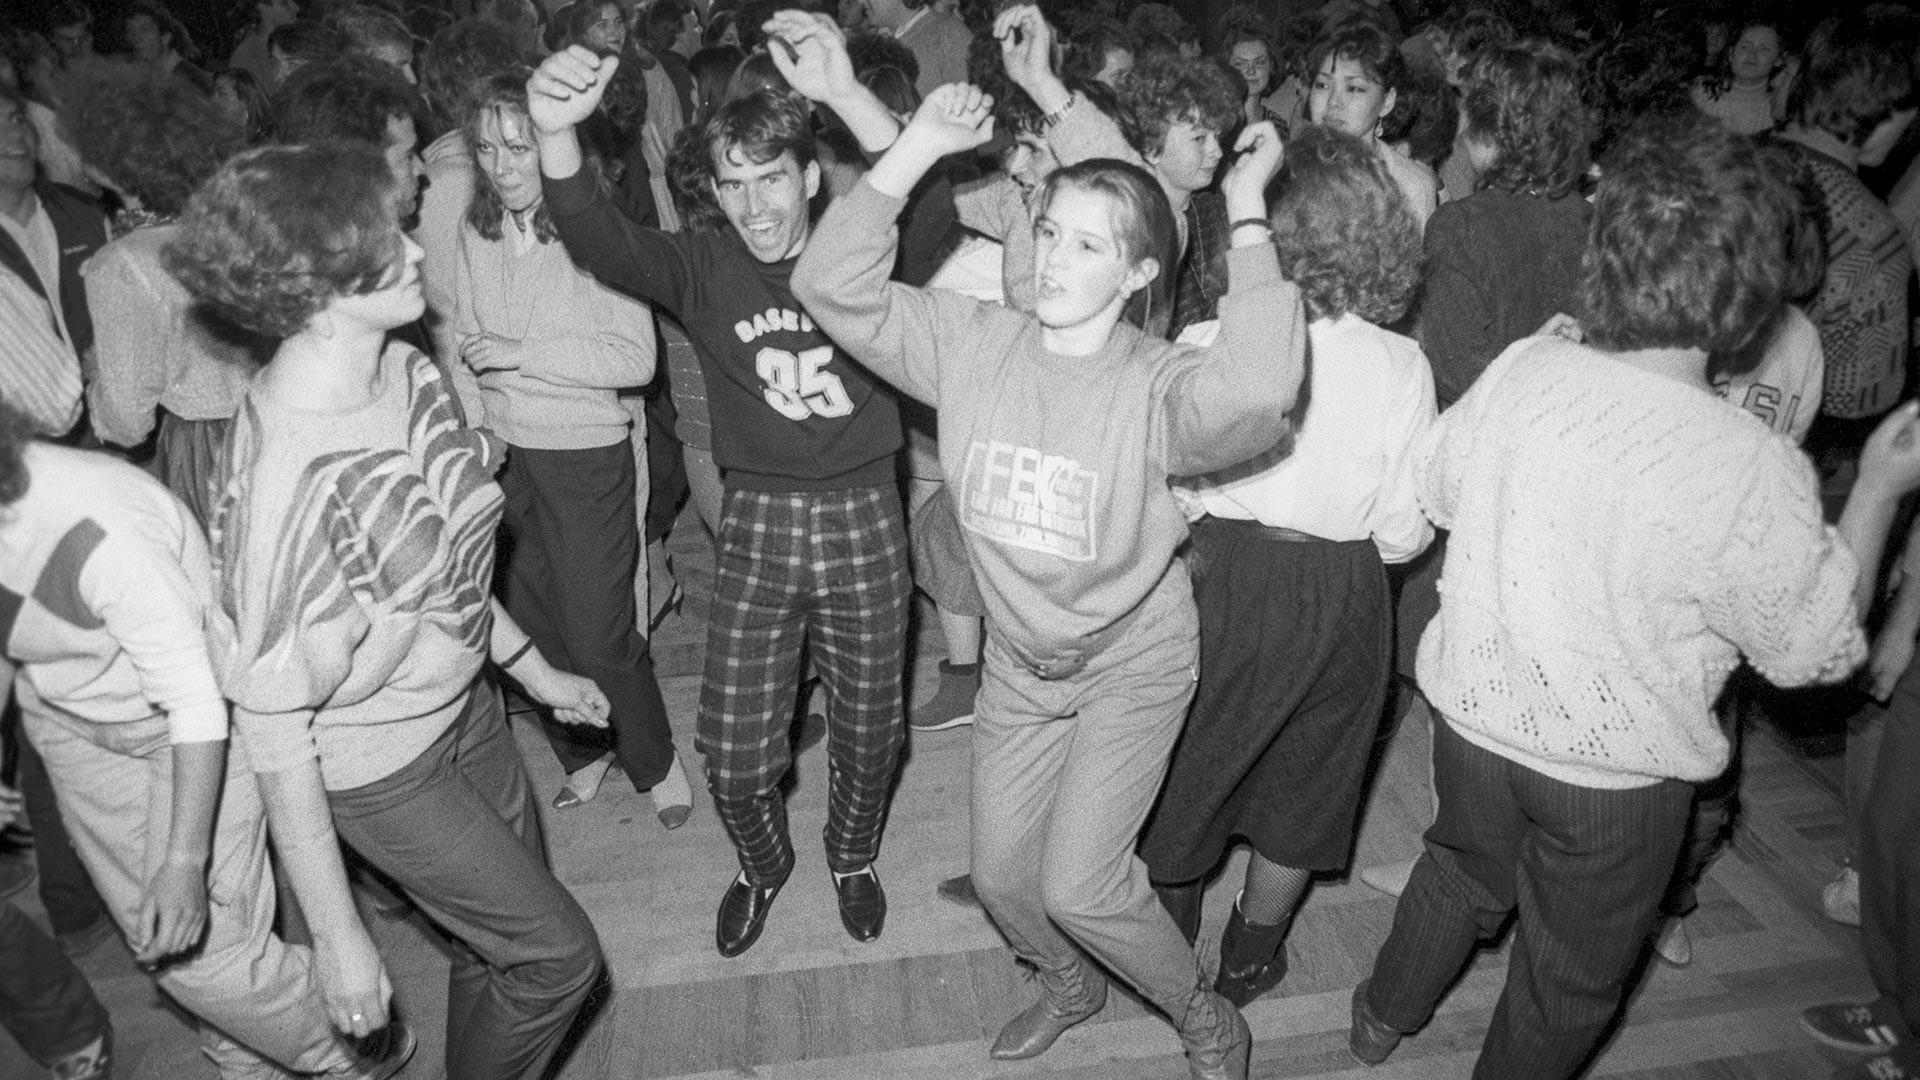 """Младината од московските претпријатија, членка на Друштвото за советско-бугарско пријателство и учесници на бугарското културно-уметничко друштво """"Шумен"""" во дискотека во паркот """"Горки""""."""